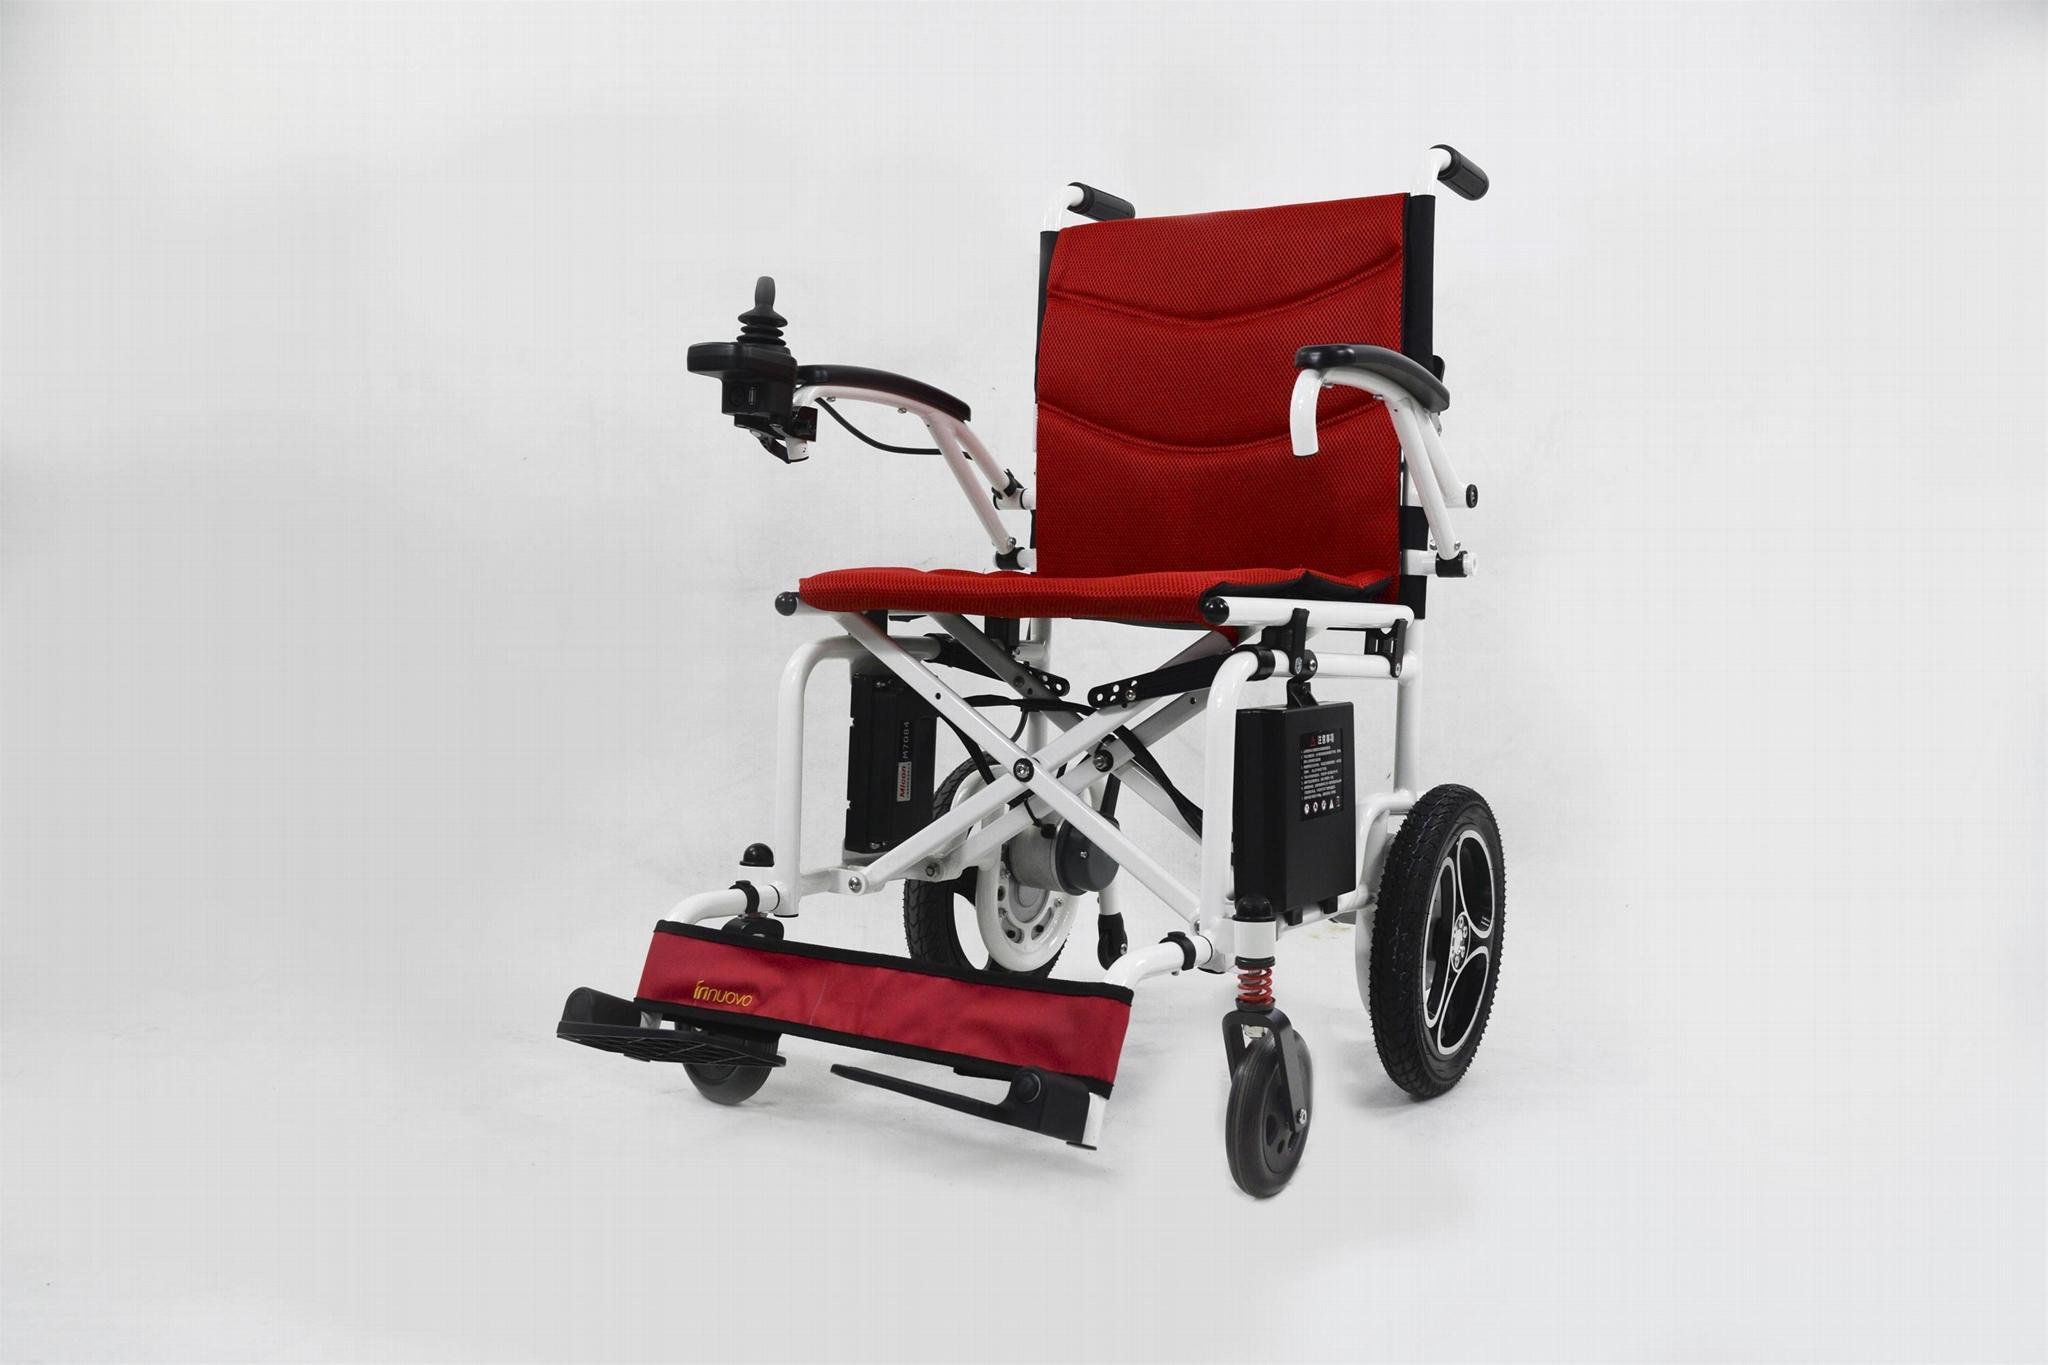 最轻便型可折叠电动轮椅16公斤锂电池  1